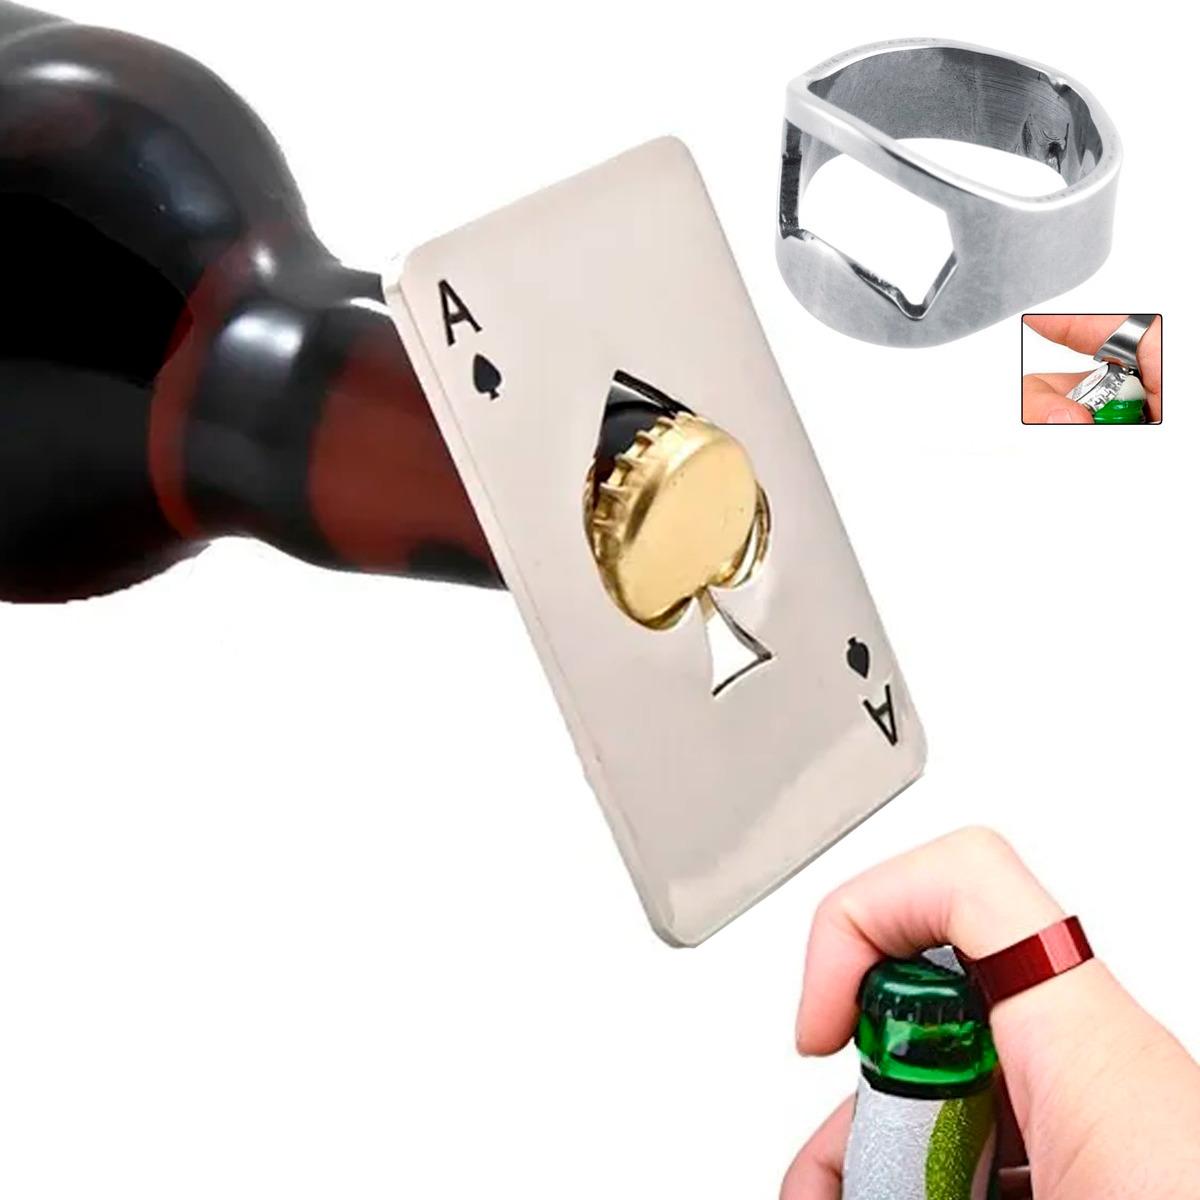 Destapador Tarjeta Botellas Carta Pokar Acero + Anillo Regalo